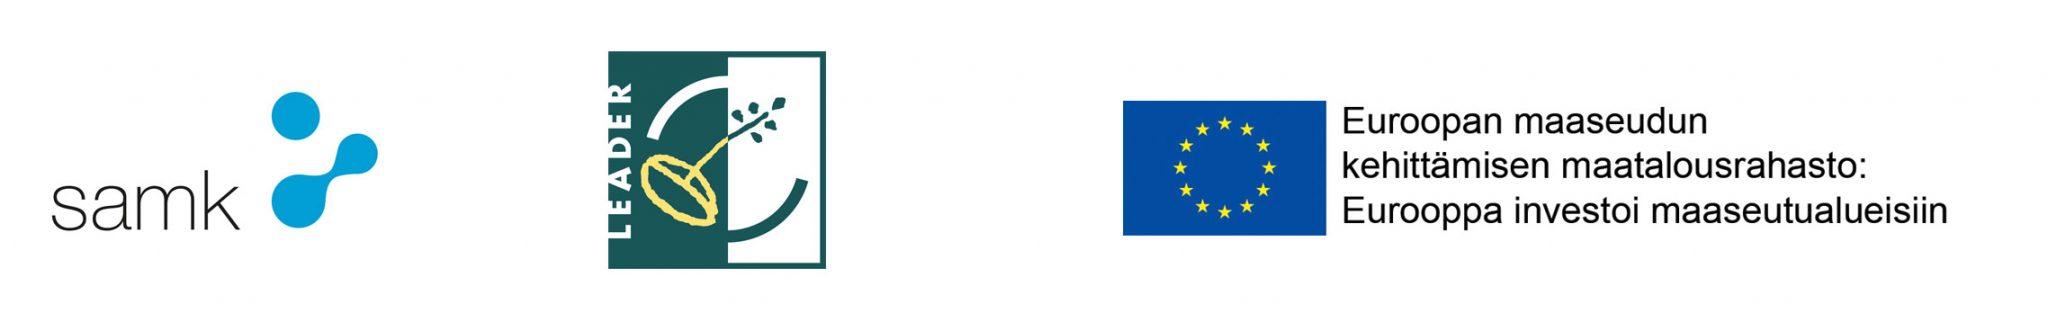 Logot Leader SAMK Euroopan maaseudun kehittämisen maatalousrahasto